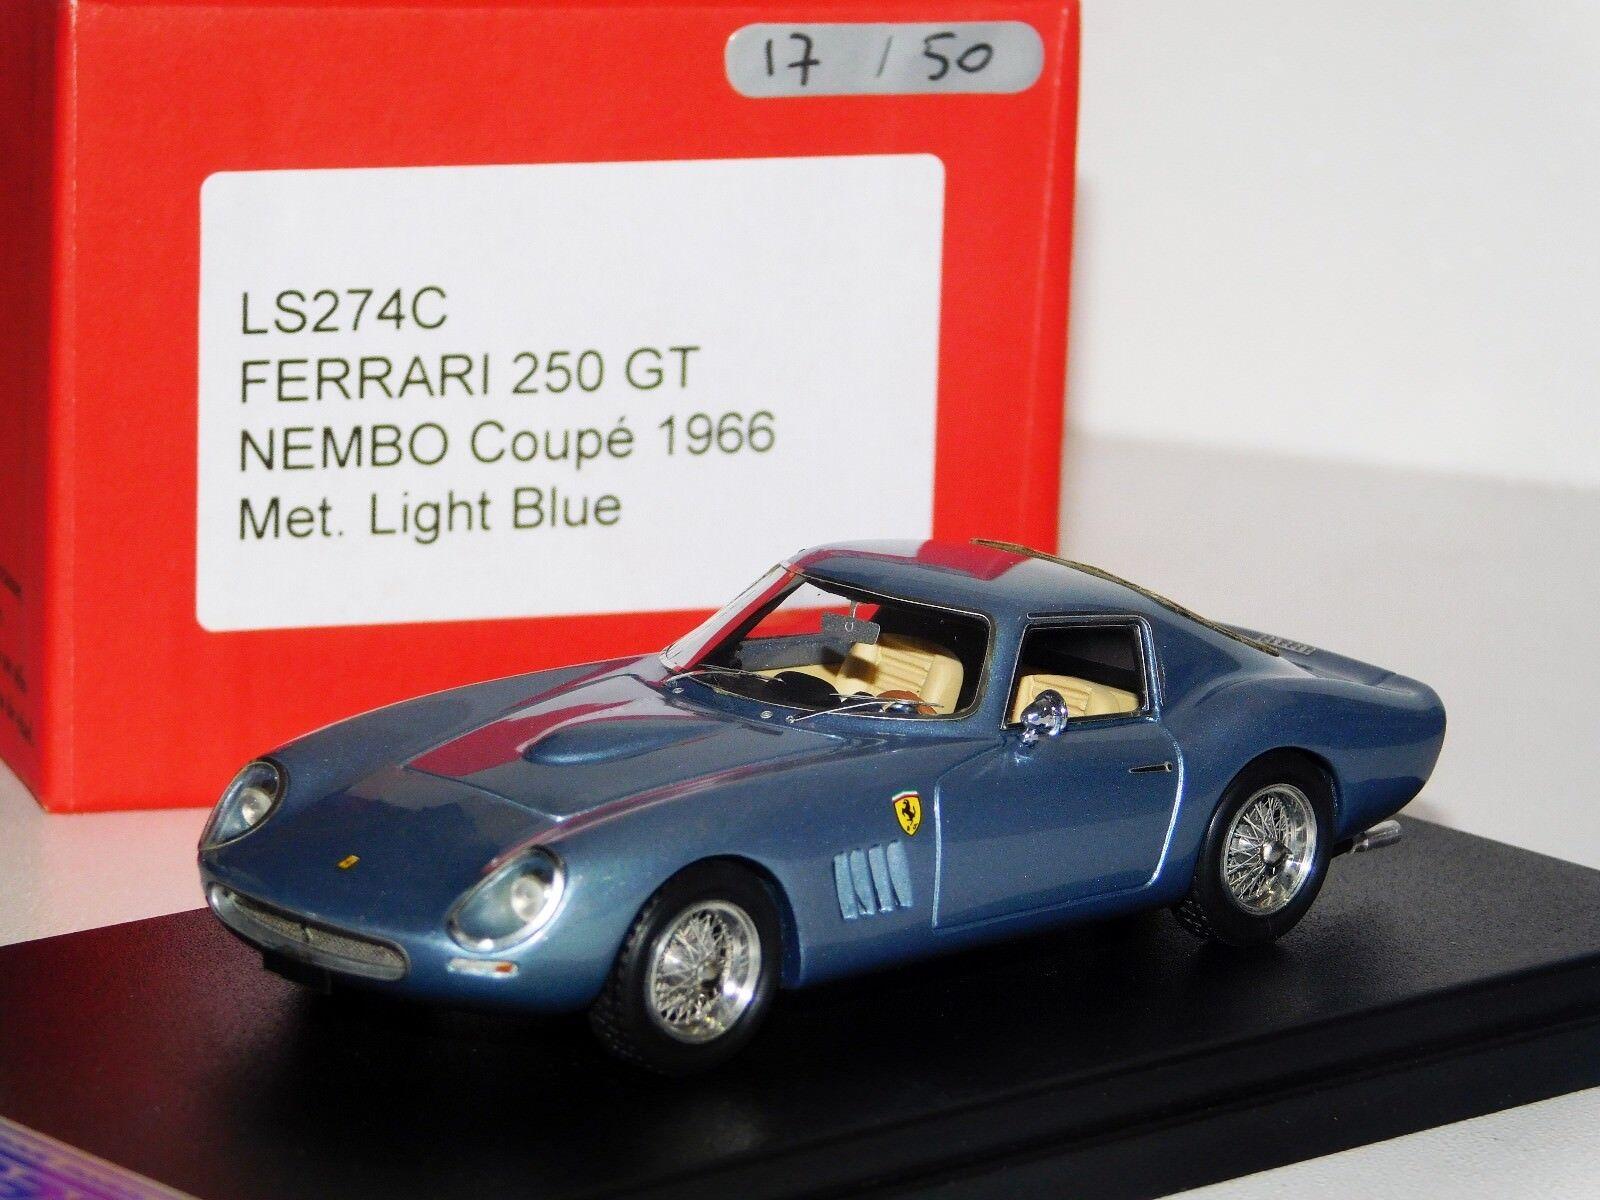 Ferrari 250 GT NEMBO COUPE 1966 LIGHT Met. bleu Looksmart Lim. 1 50 LS274C 1 43